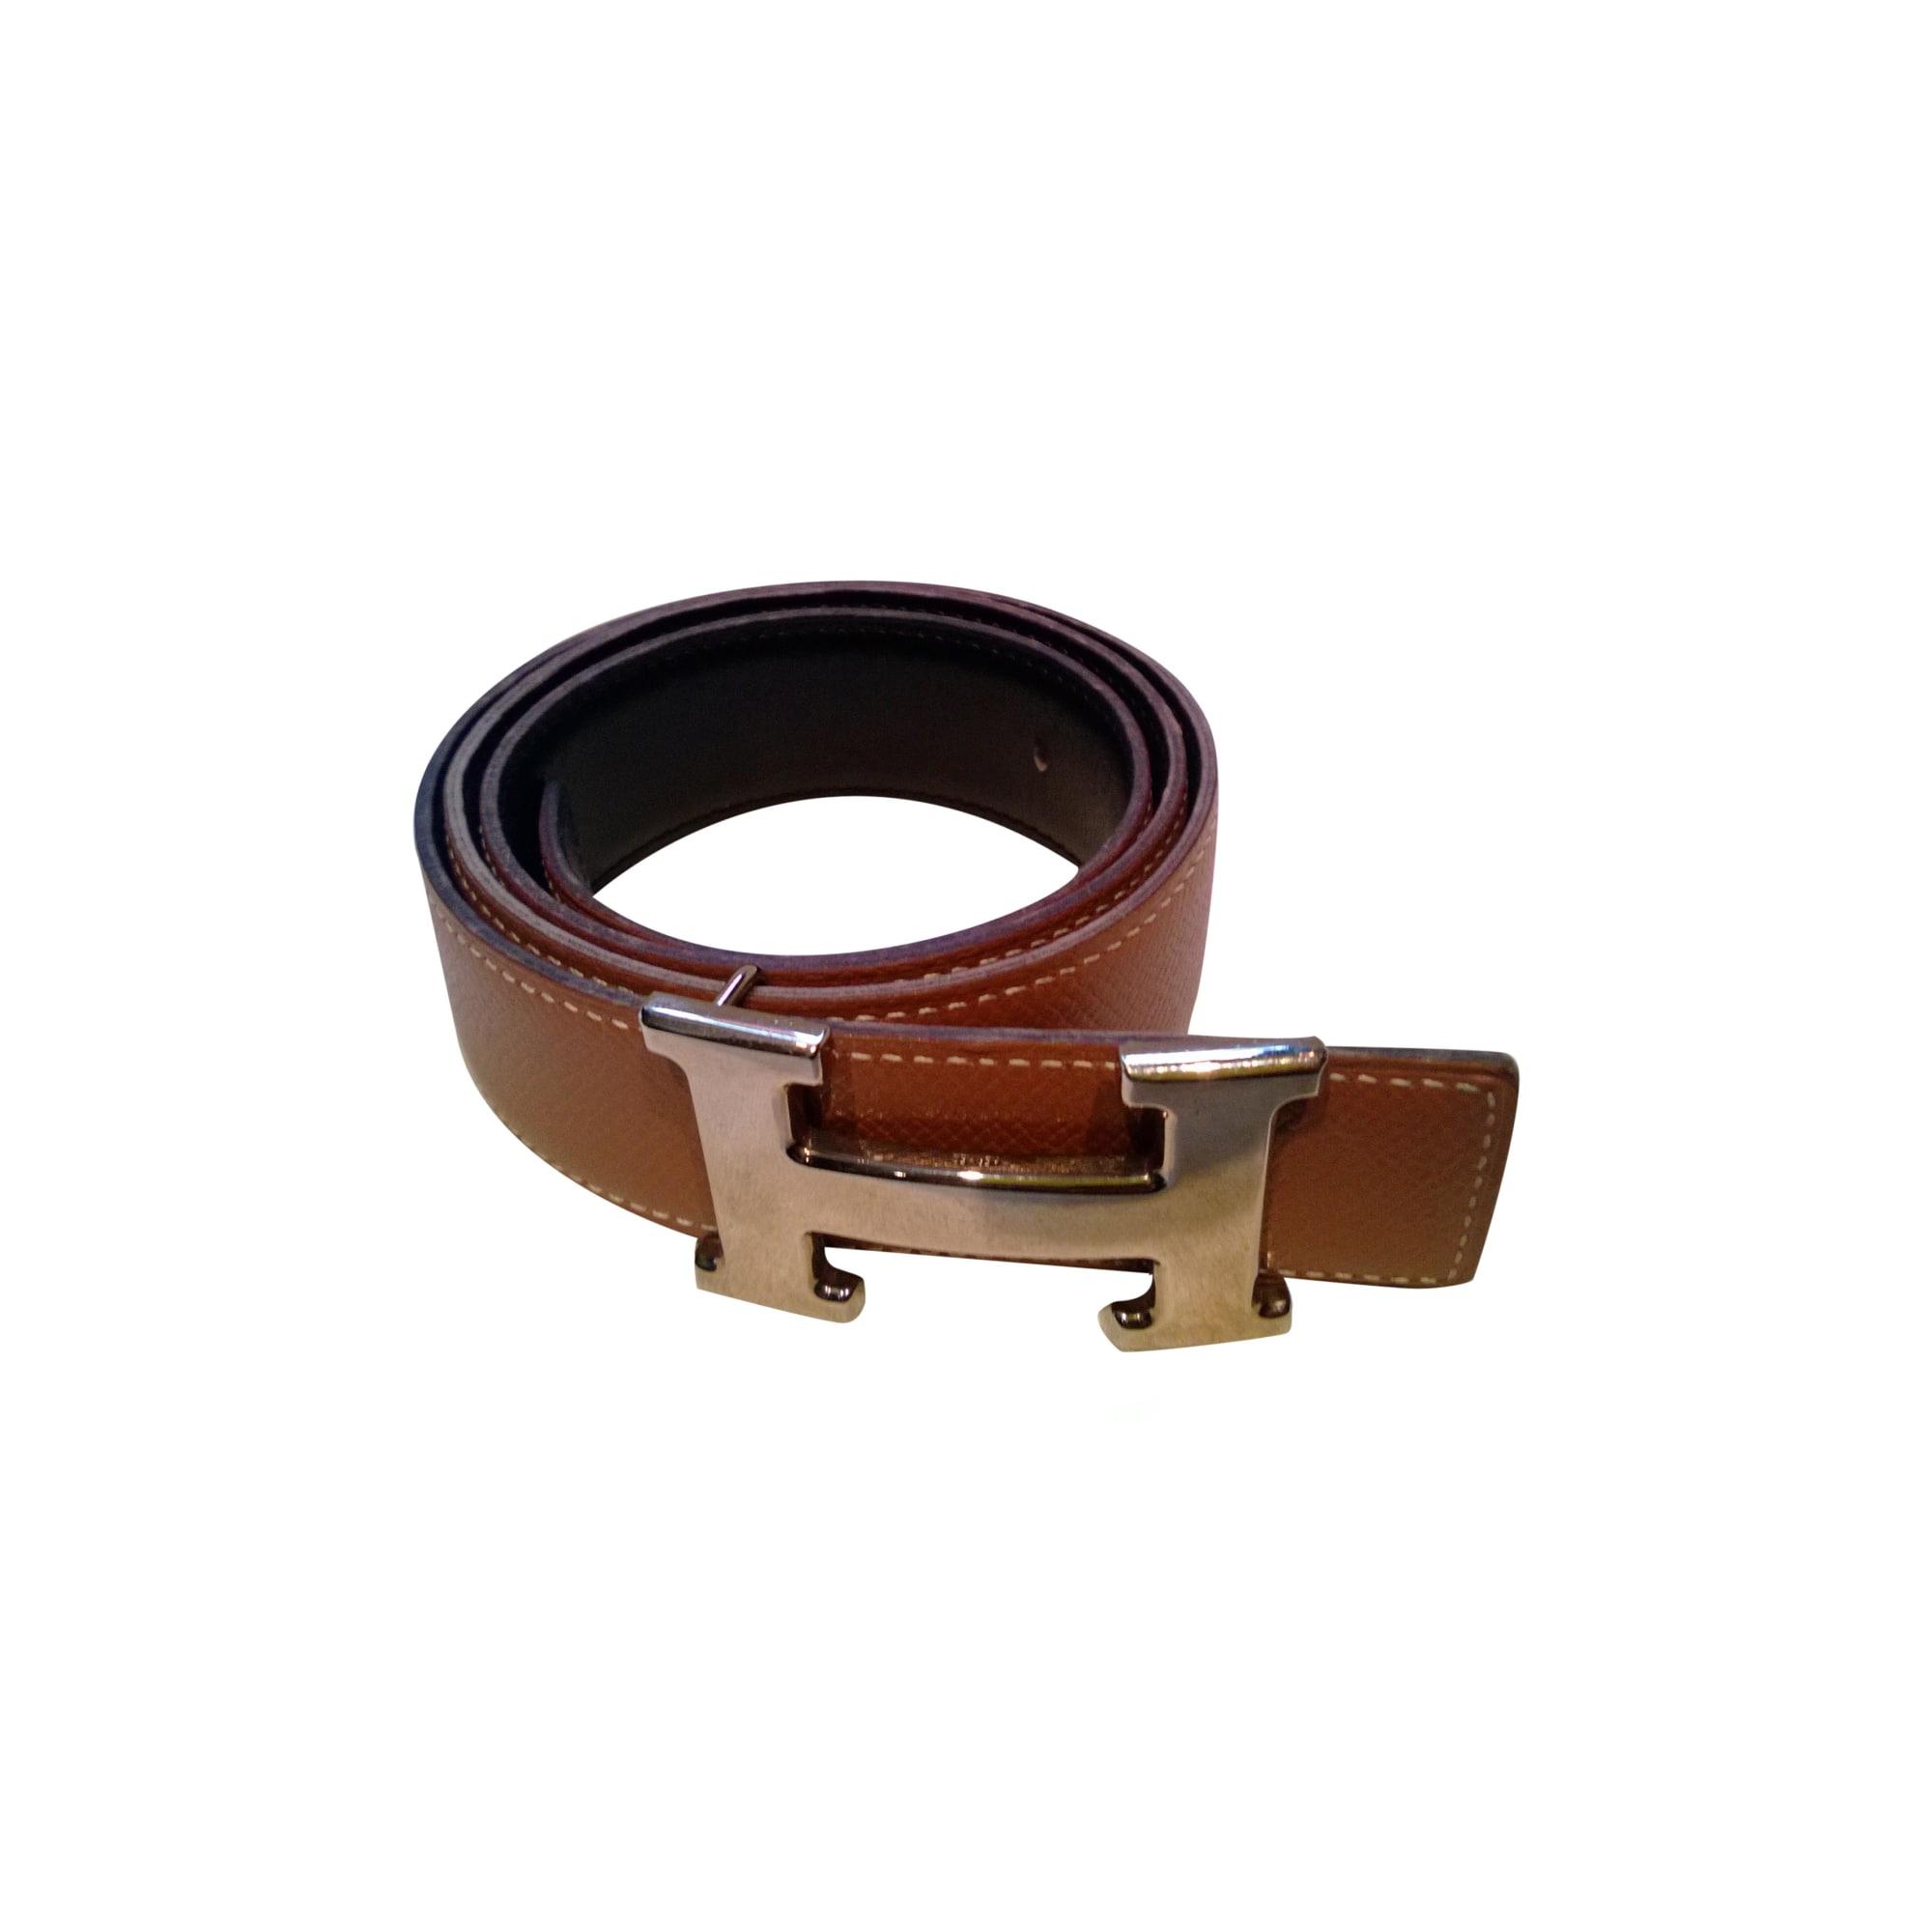 44f4f2579d6b ceinture hermes marron pas cher - www.allow-project.eu